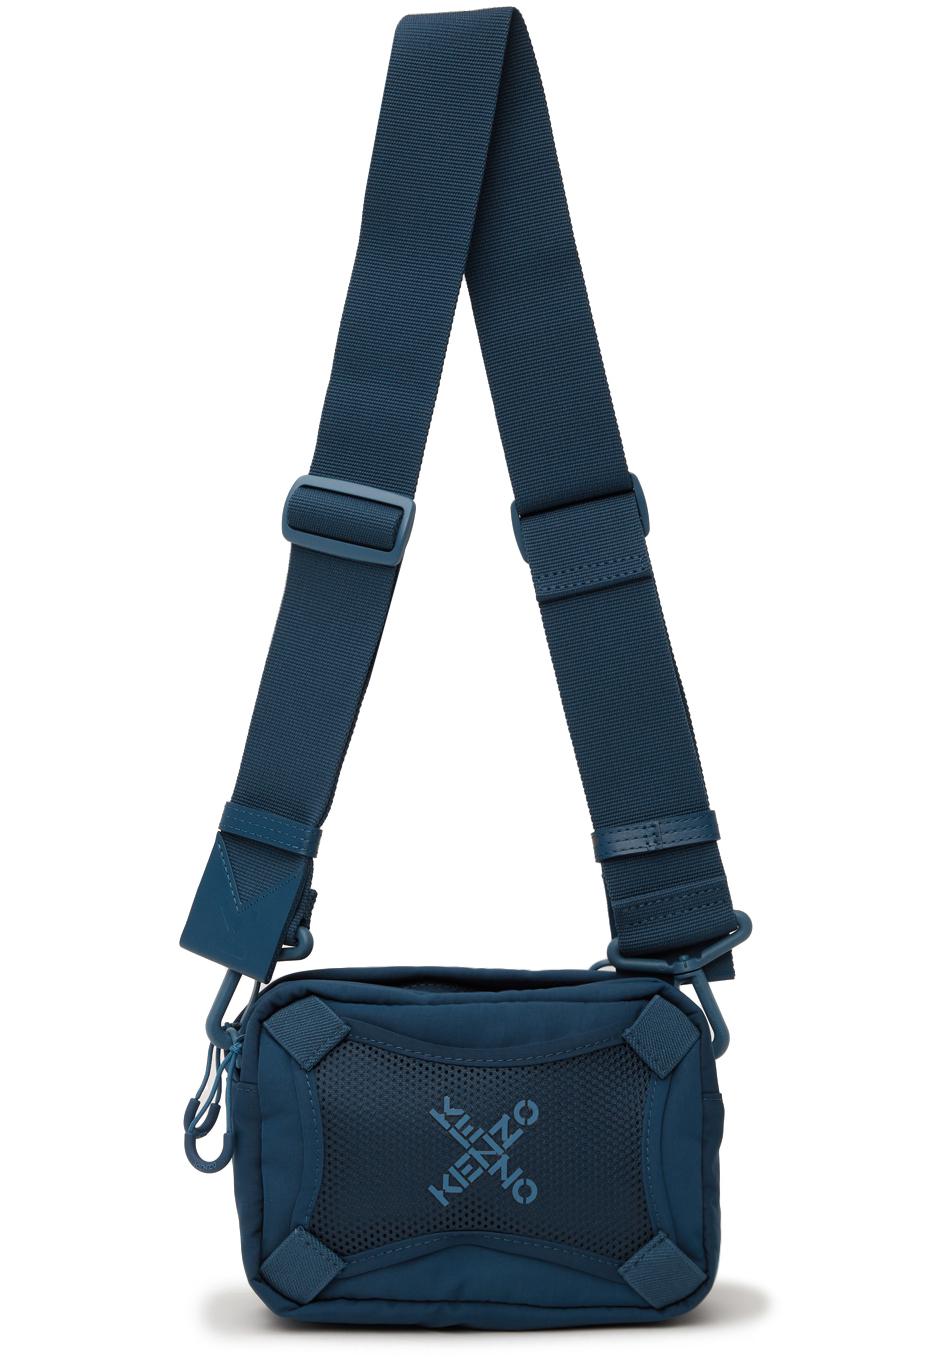 Blue Sport 'Little X' Messenger Bag